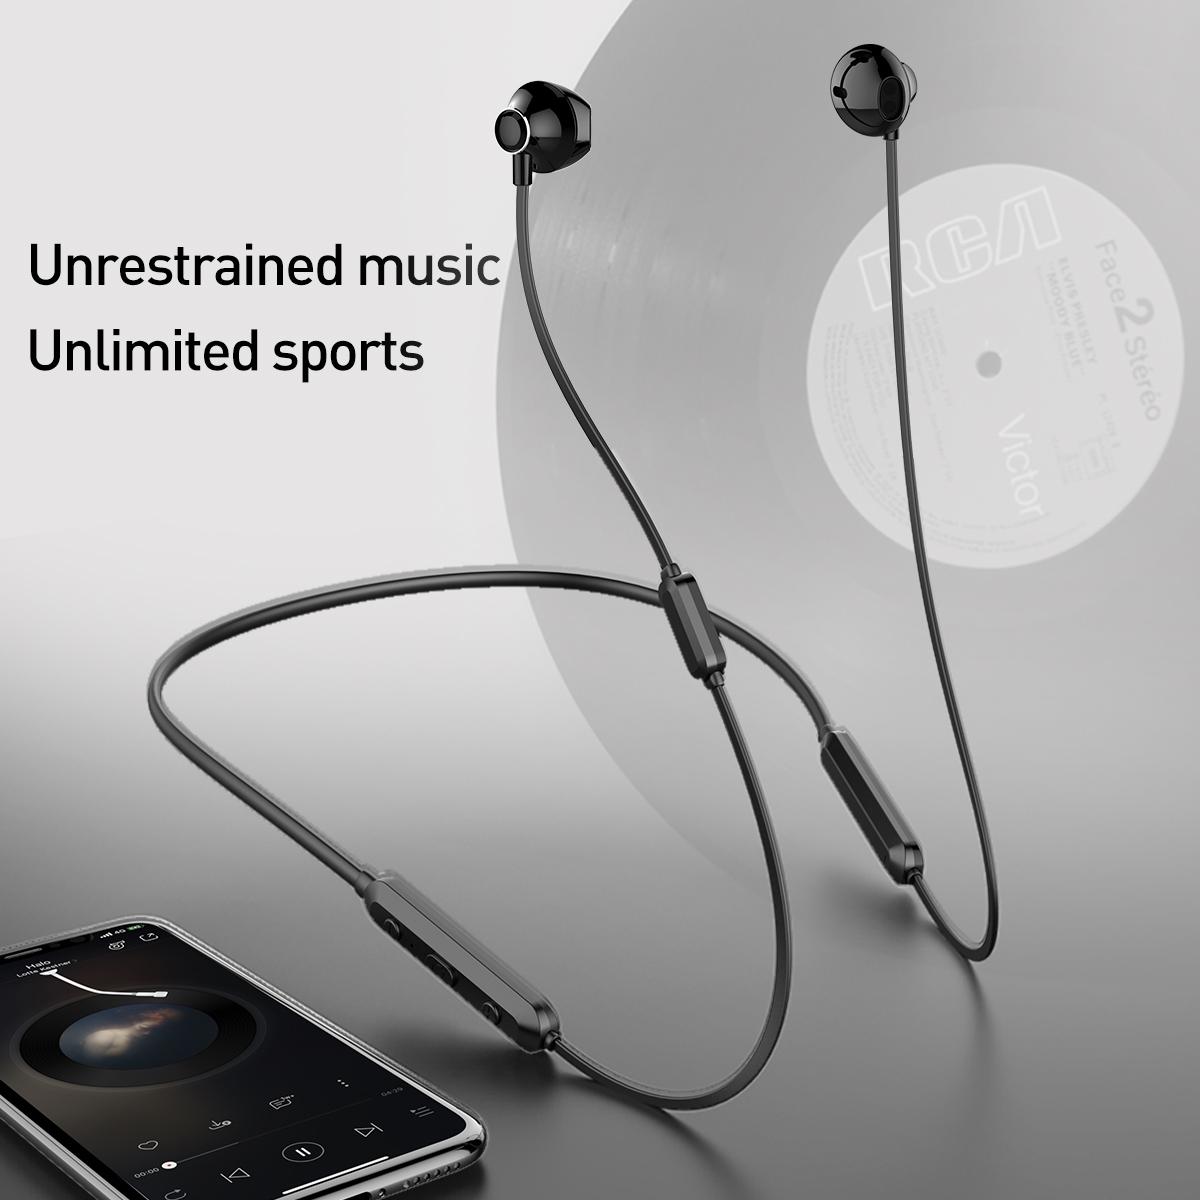 Tai nghe Bluetooth thể thao chống nước Baseus Encok Wireless Earphone S11A Sport (IPX5 Waterproof, Bluetooth 4.2 Neckband Earphone) - Hàng chính hãng